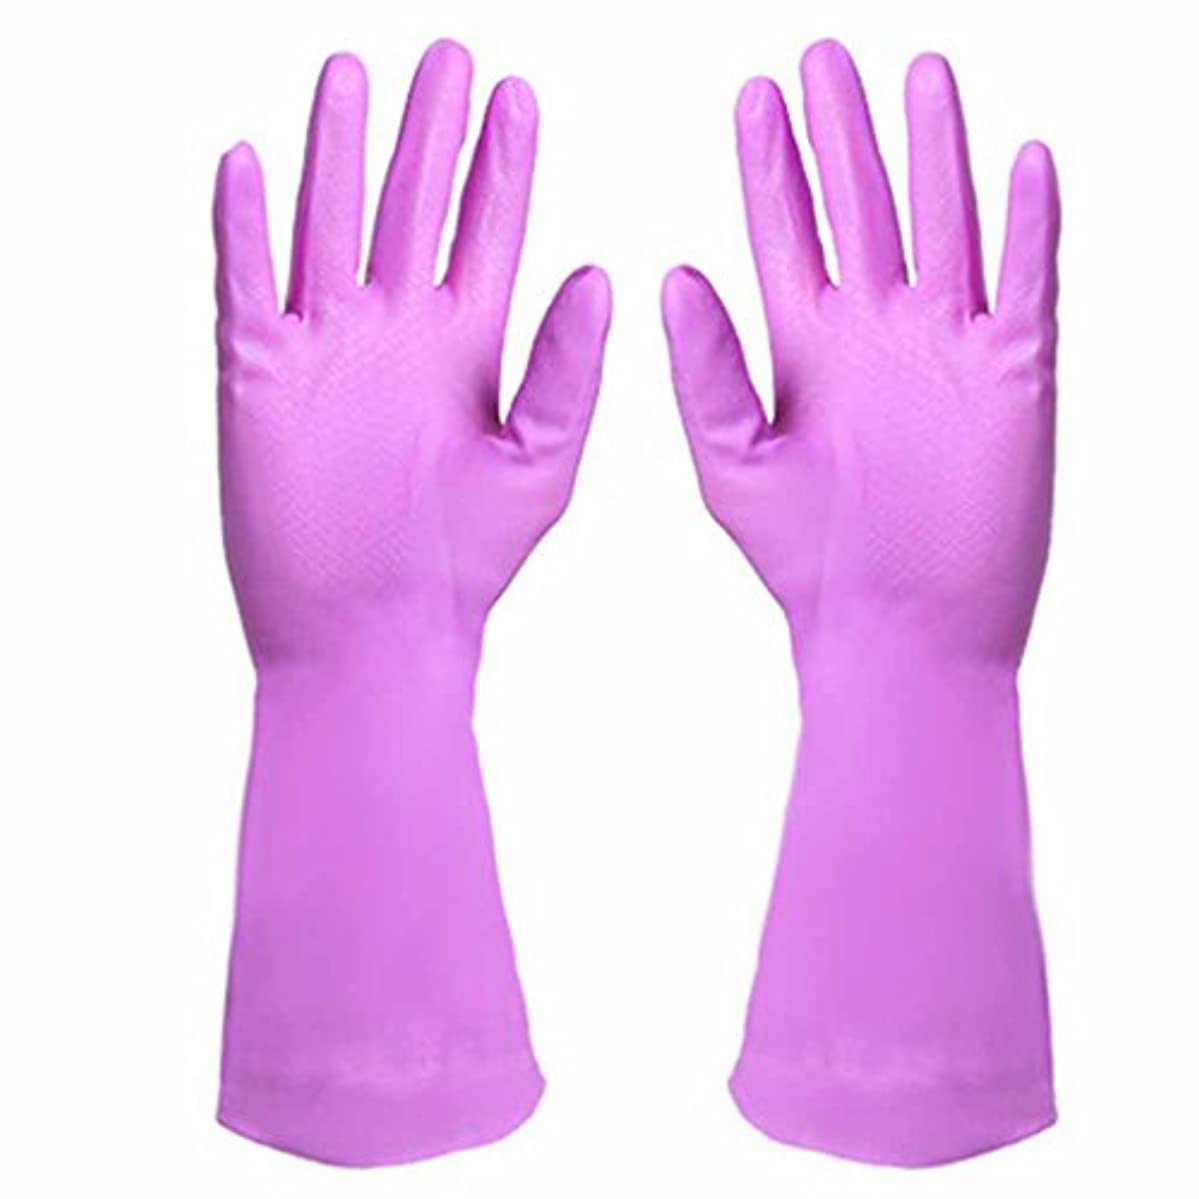 マーチャンダイザー打撃公平使い捨て手袋 PVCソフト防油防水手袋キッチン耐久性汚れ手袋 (Color : Purple)